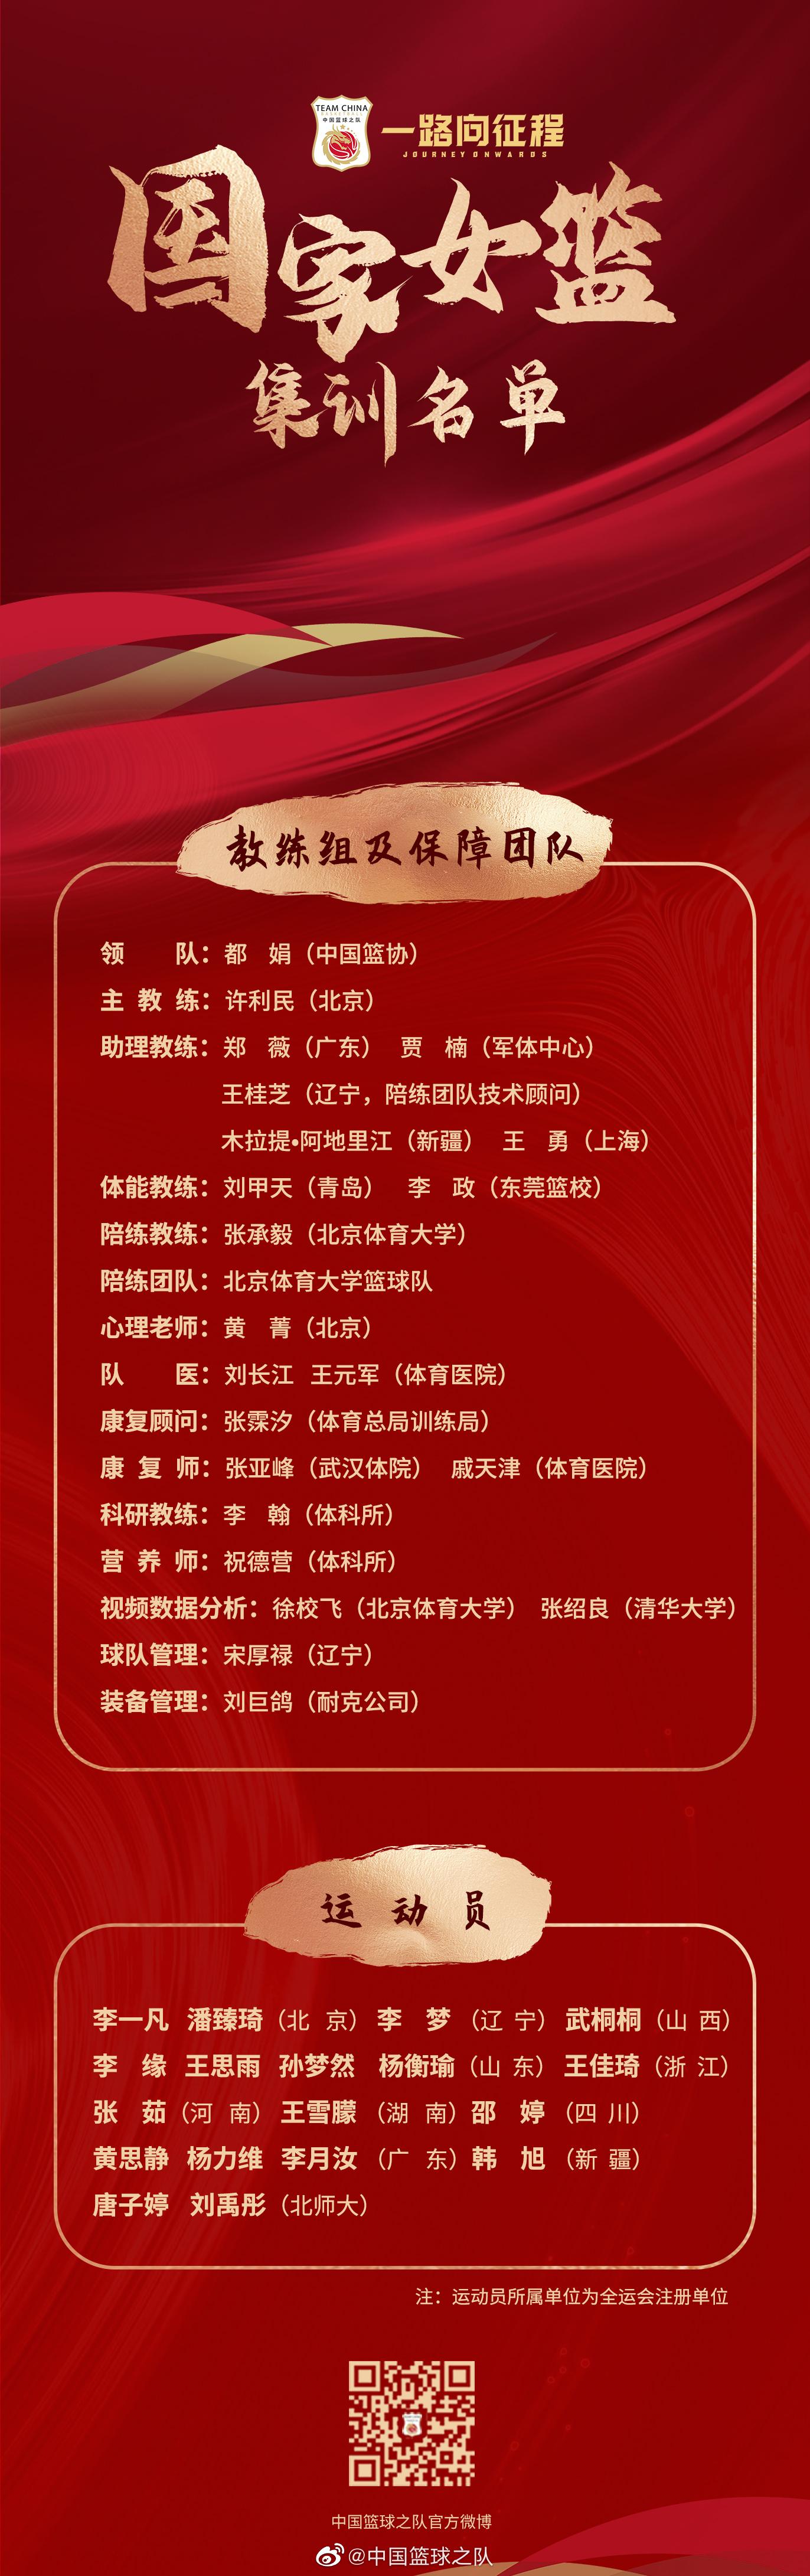 中国女篮奥运集训名单出炉 邵婷韩旭等名将领衔